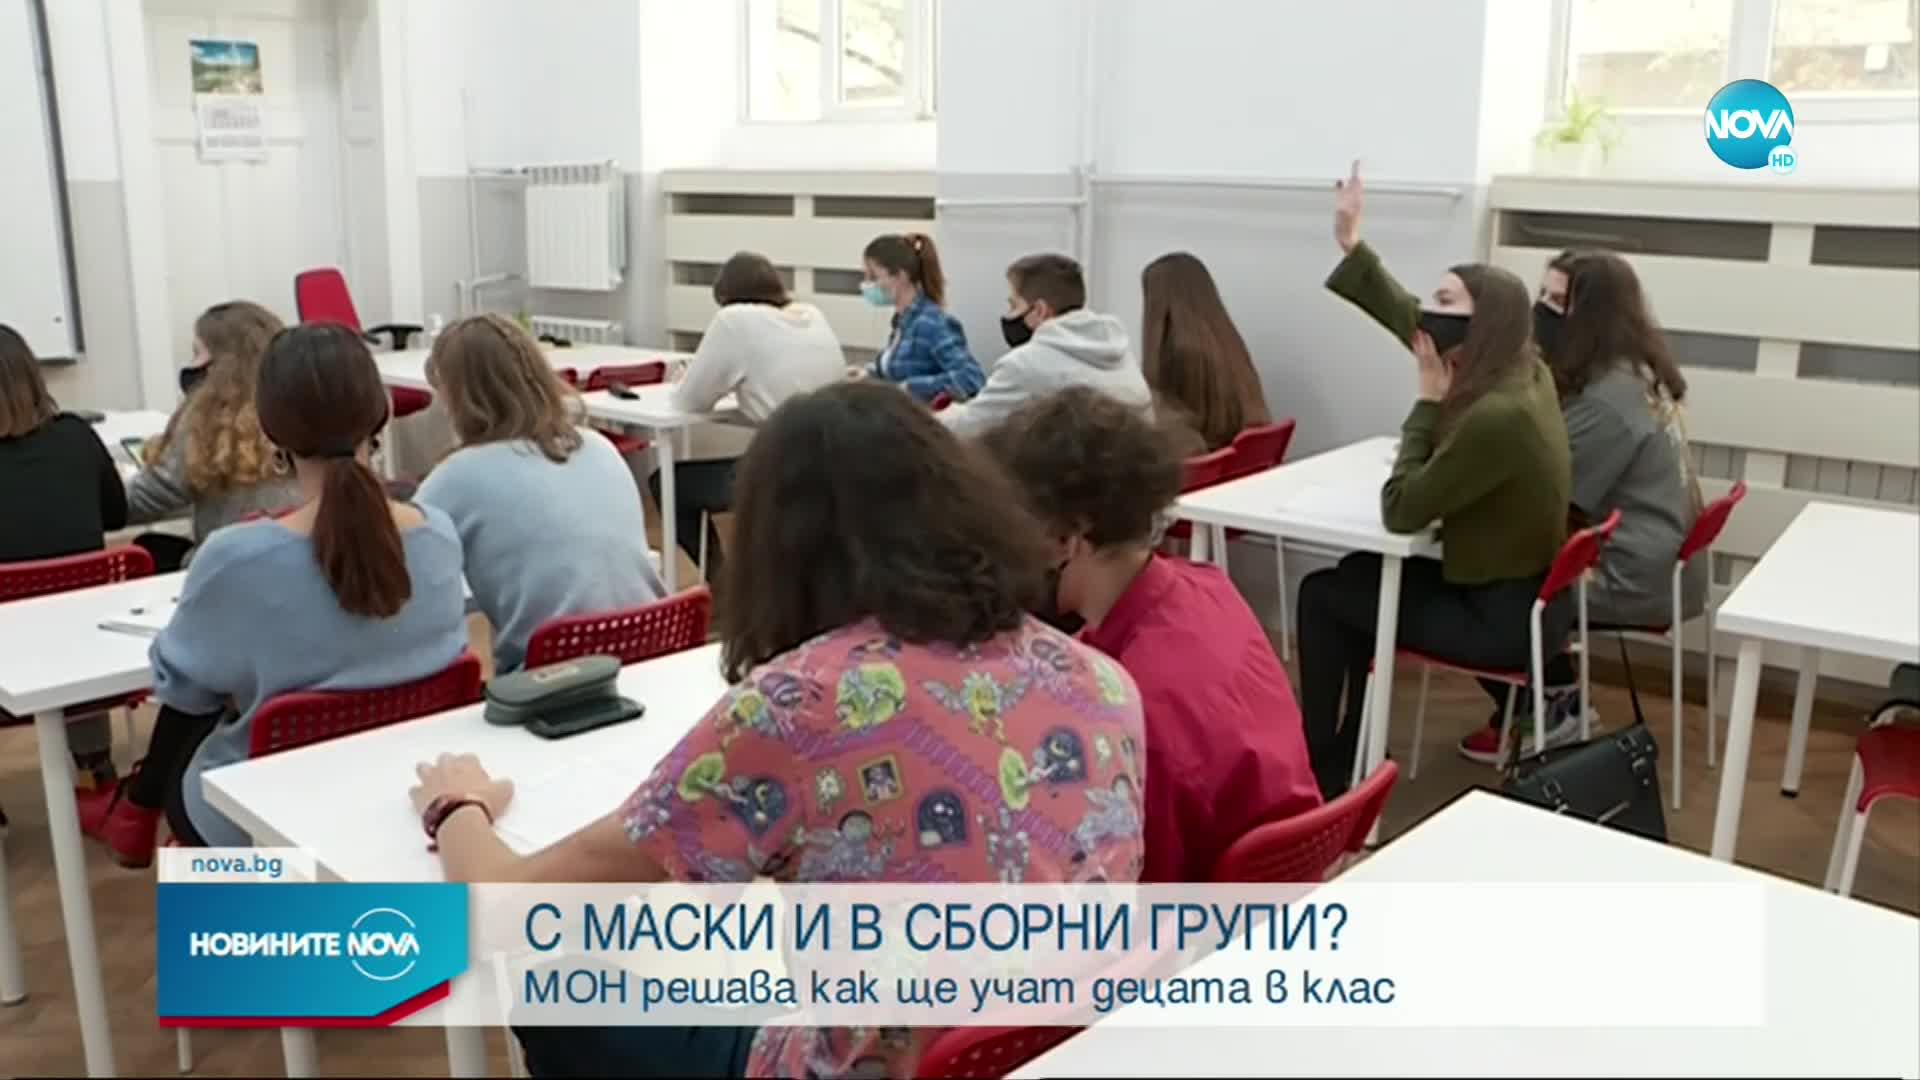 МОН обявява как ще работят училищата и детските градини в пандемията